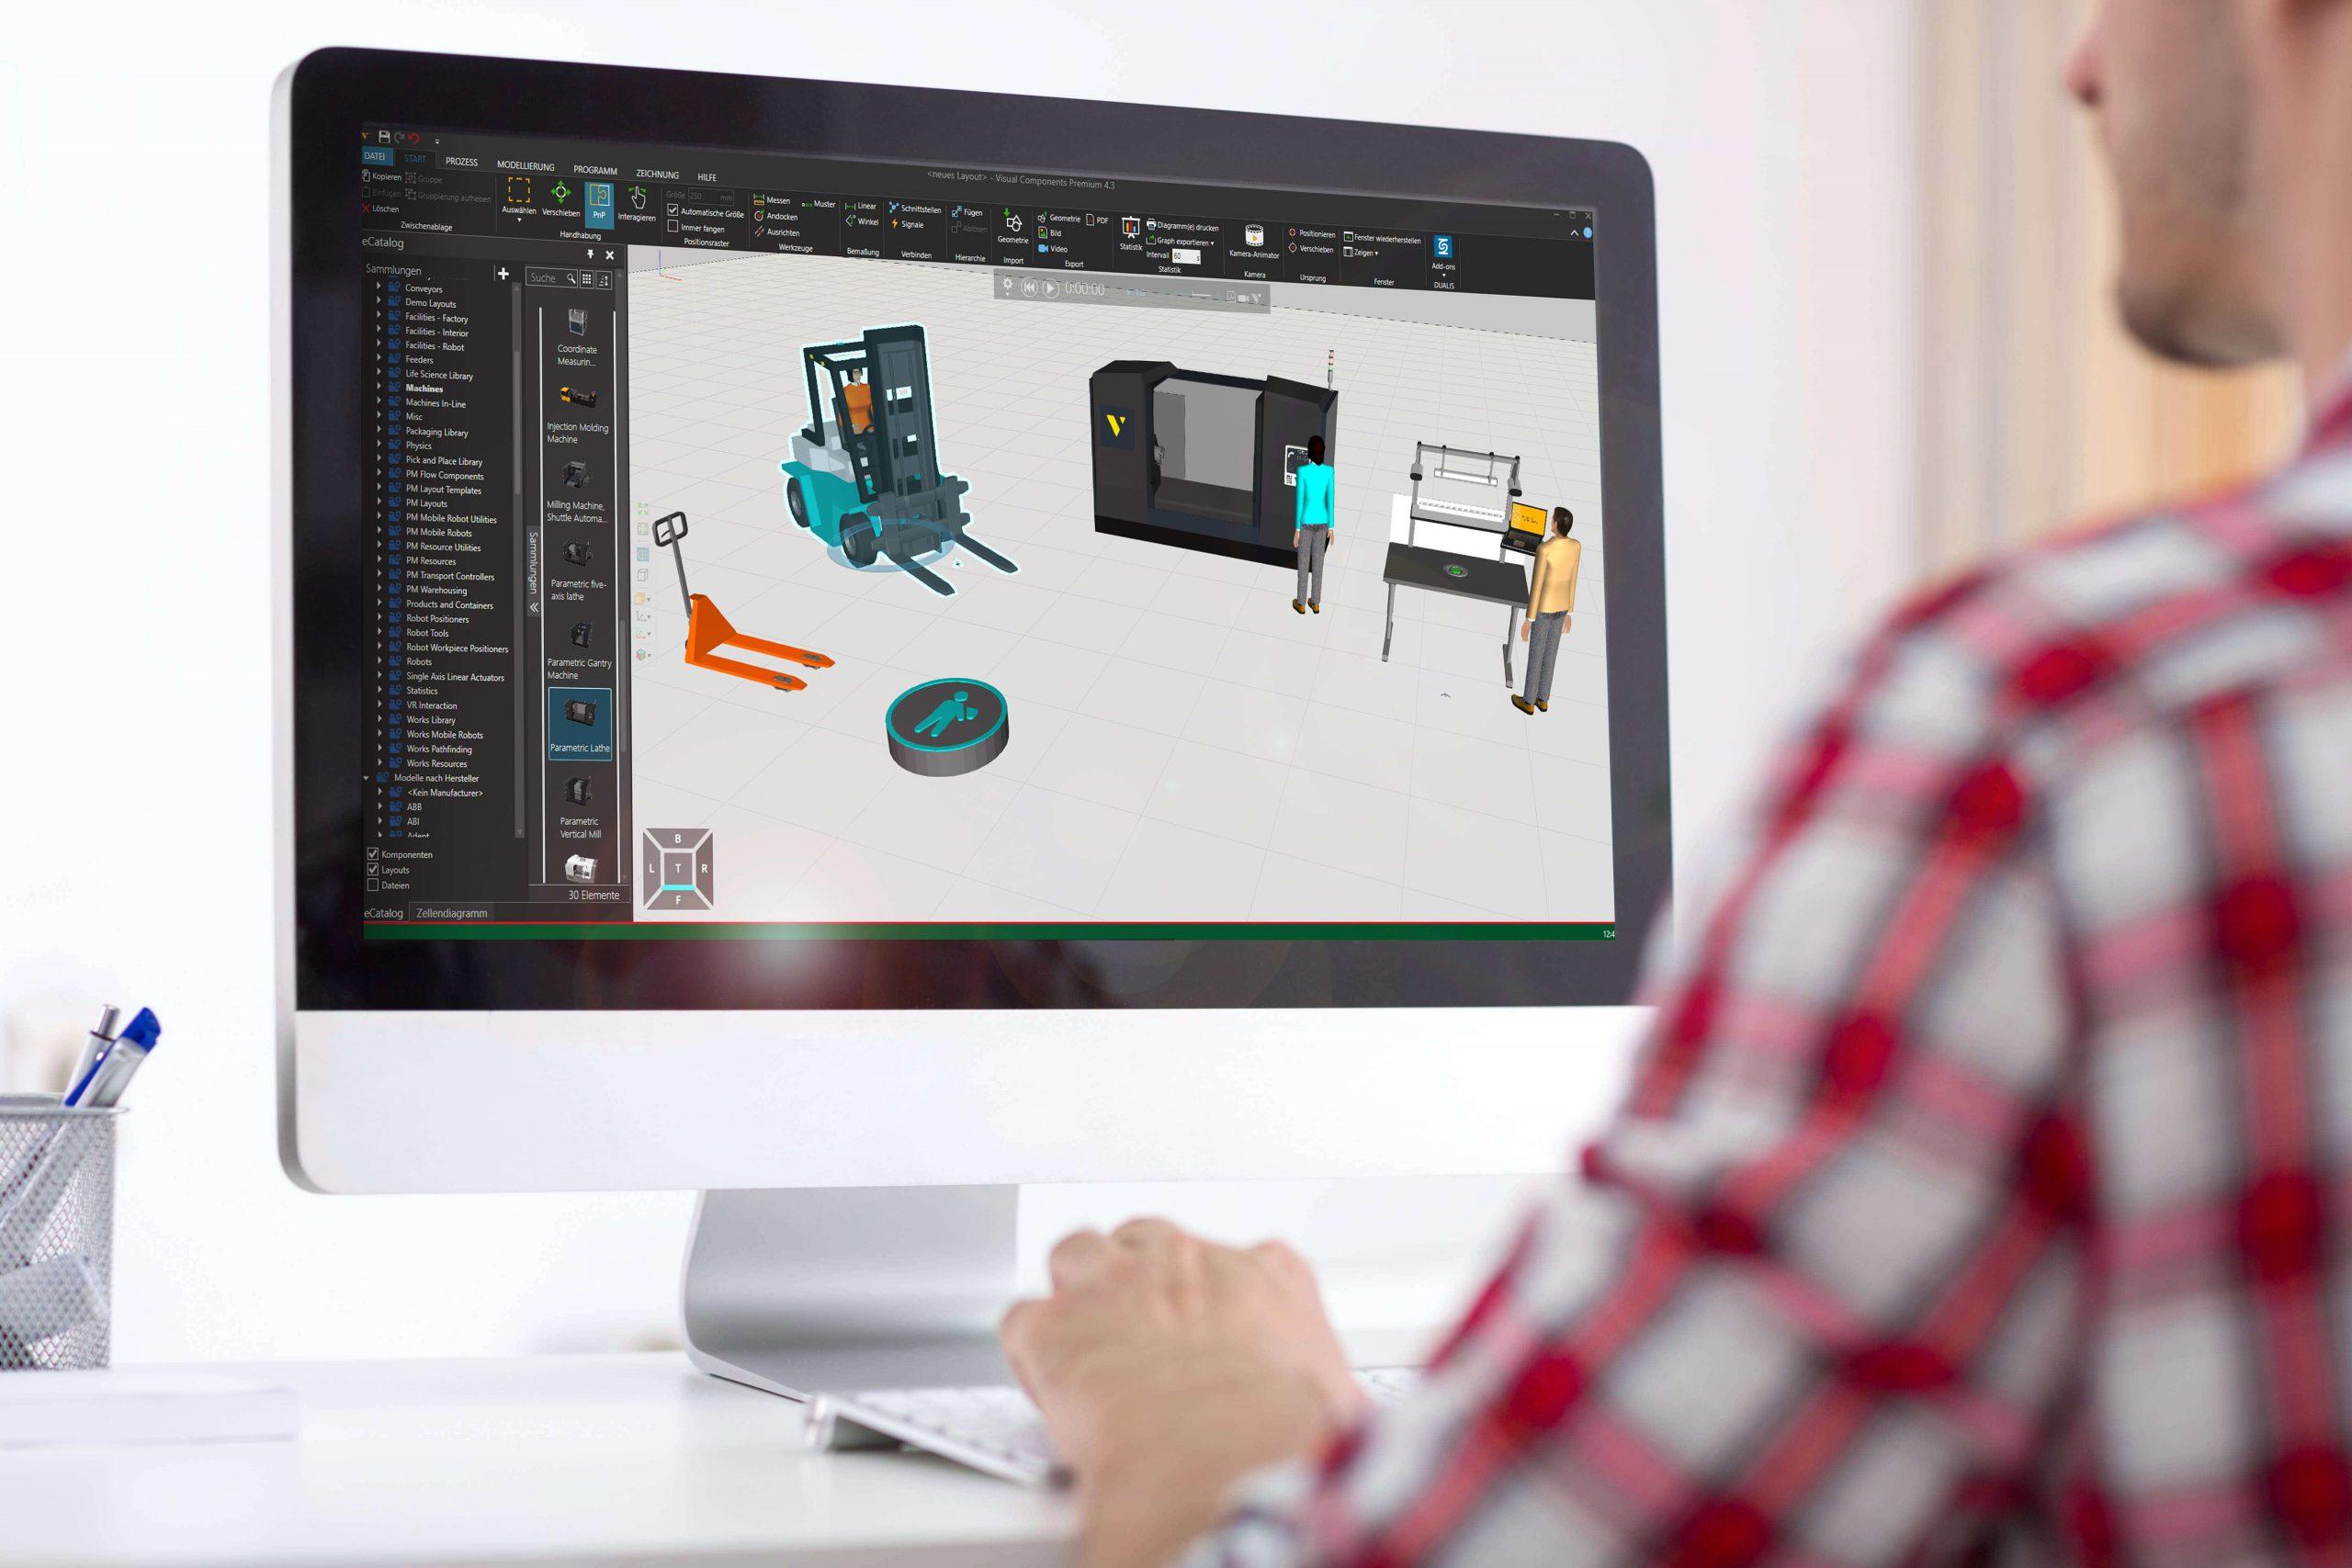 Der Visual-Components-Distributor Dualis entwickelt Addons und Dienstleistungen rund um die Simulationsplattform. (Bild: Dualis GmbH IT Solution)